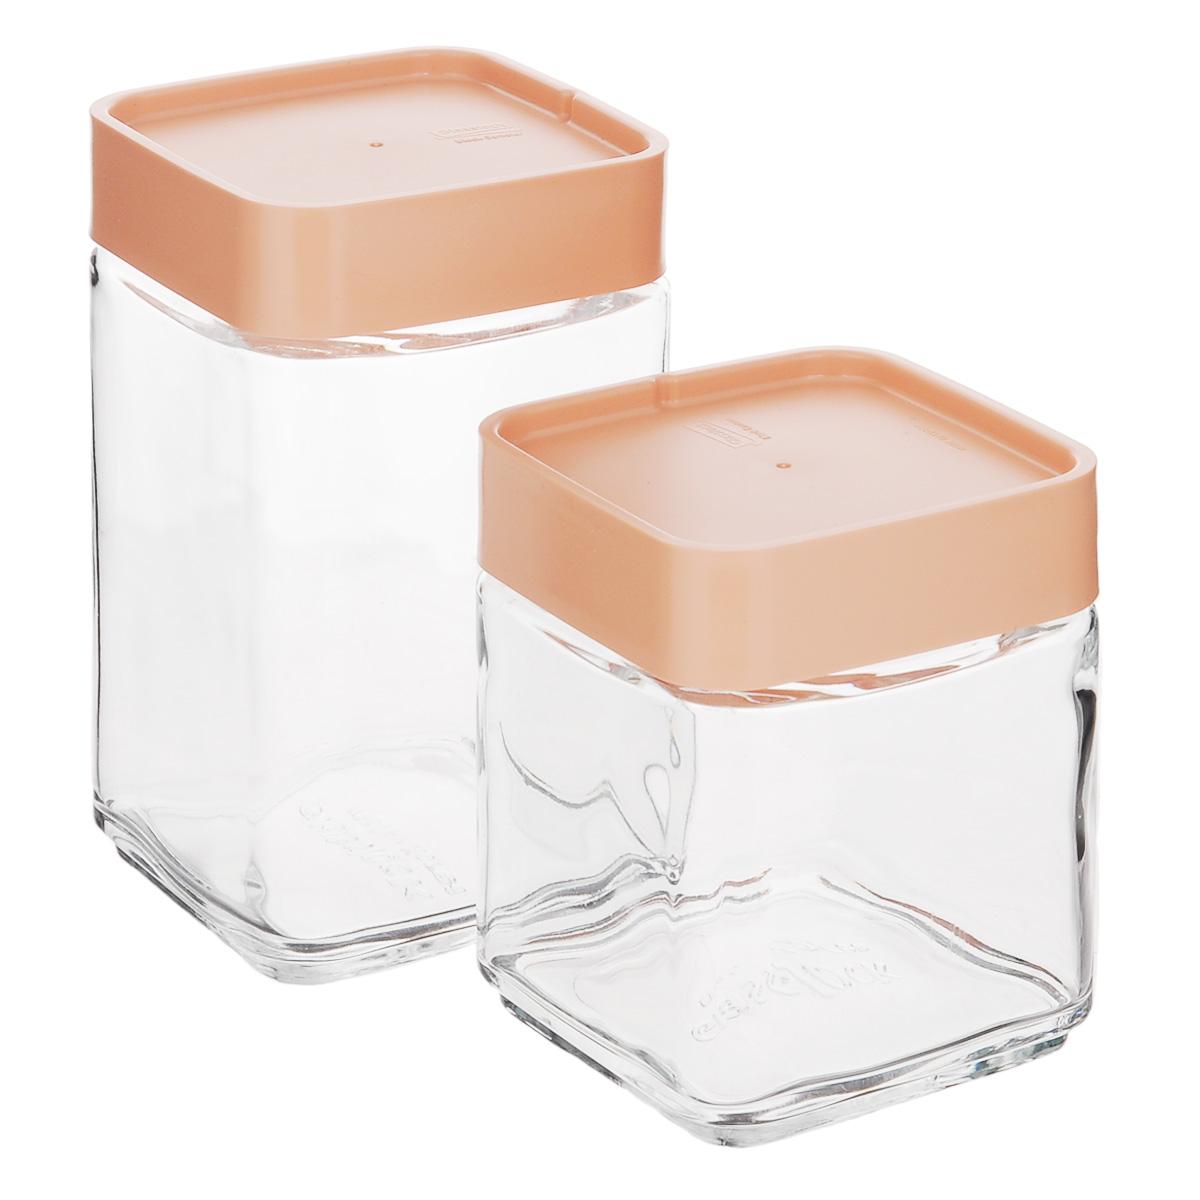 """Набор """"Glasslock"""" состоит из двух контейнеров для сыпучих продуктов. Изделия выполнены из экологически чистого закаленного ударопрочного стекла и оснащены пластиковыми крышками. Контейнеры удобно ставятся друг на друга для экономии места на кухне.  Изделия плотно и герметично закрываются крышками, что позволяет продуктам дольше оставаться свежими, сохранять аромат и вкус. Благодаря прозрачным стенкам, можно видеть содержимое. Размер подходит для хранения в дверце холодильника.  Такие контейнеры идеально подходят для хранения различных сыпучих продуктов: орехов, печенья, круп, хлопьев, варенья и т.д.   Можно мыть в посудомоечной машине. Подходят для хранения пищи в морозильнике и холодильнике. Не использовать в микроволновой печи и духовке.   Комплектация: 2 шт.  Объем контейнеров: 500 мл; 700 мл.  Размер контейнера 500 мл: 8,5 см х 8,5 см х 11 см.  Размер контейнера 700 мл: 8,5 см х 8,5 см х 15 см."""